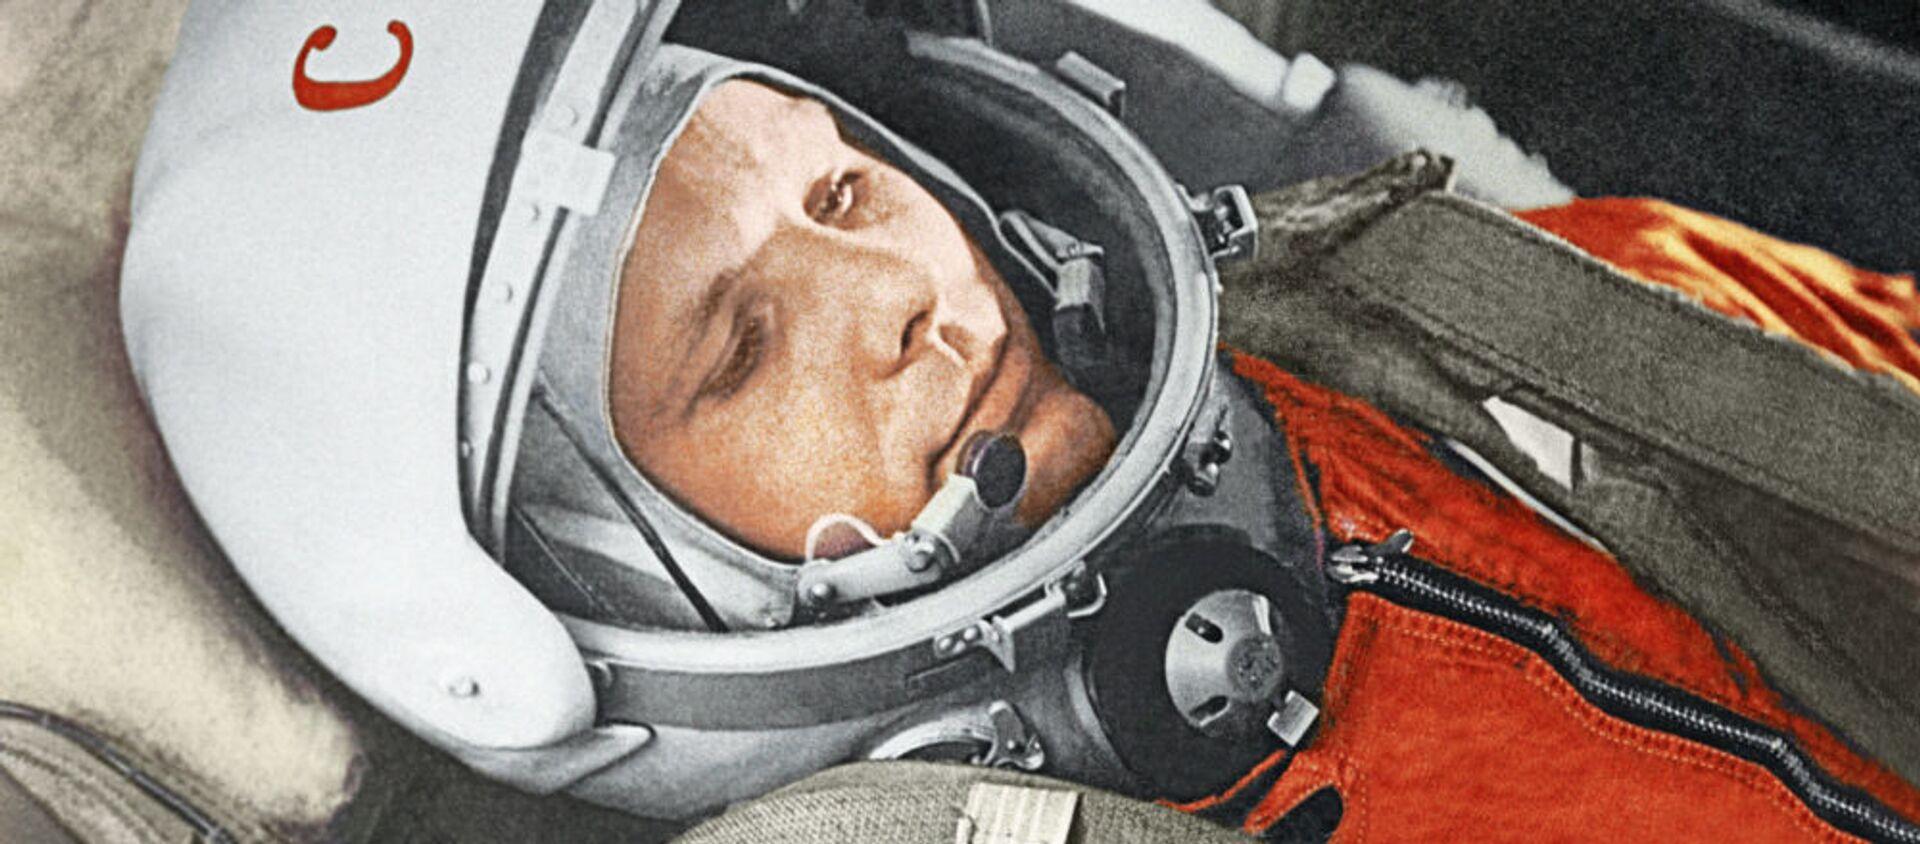 """Летчик-космонавт Юрий Гагарин в кабине космического корабля """"Восток"""" - Sputnik 日本, 1920, 20.05.2021"""